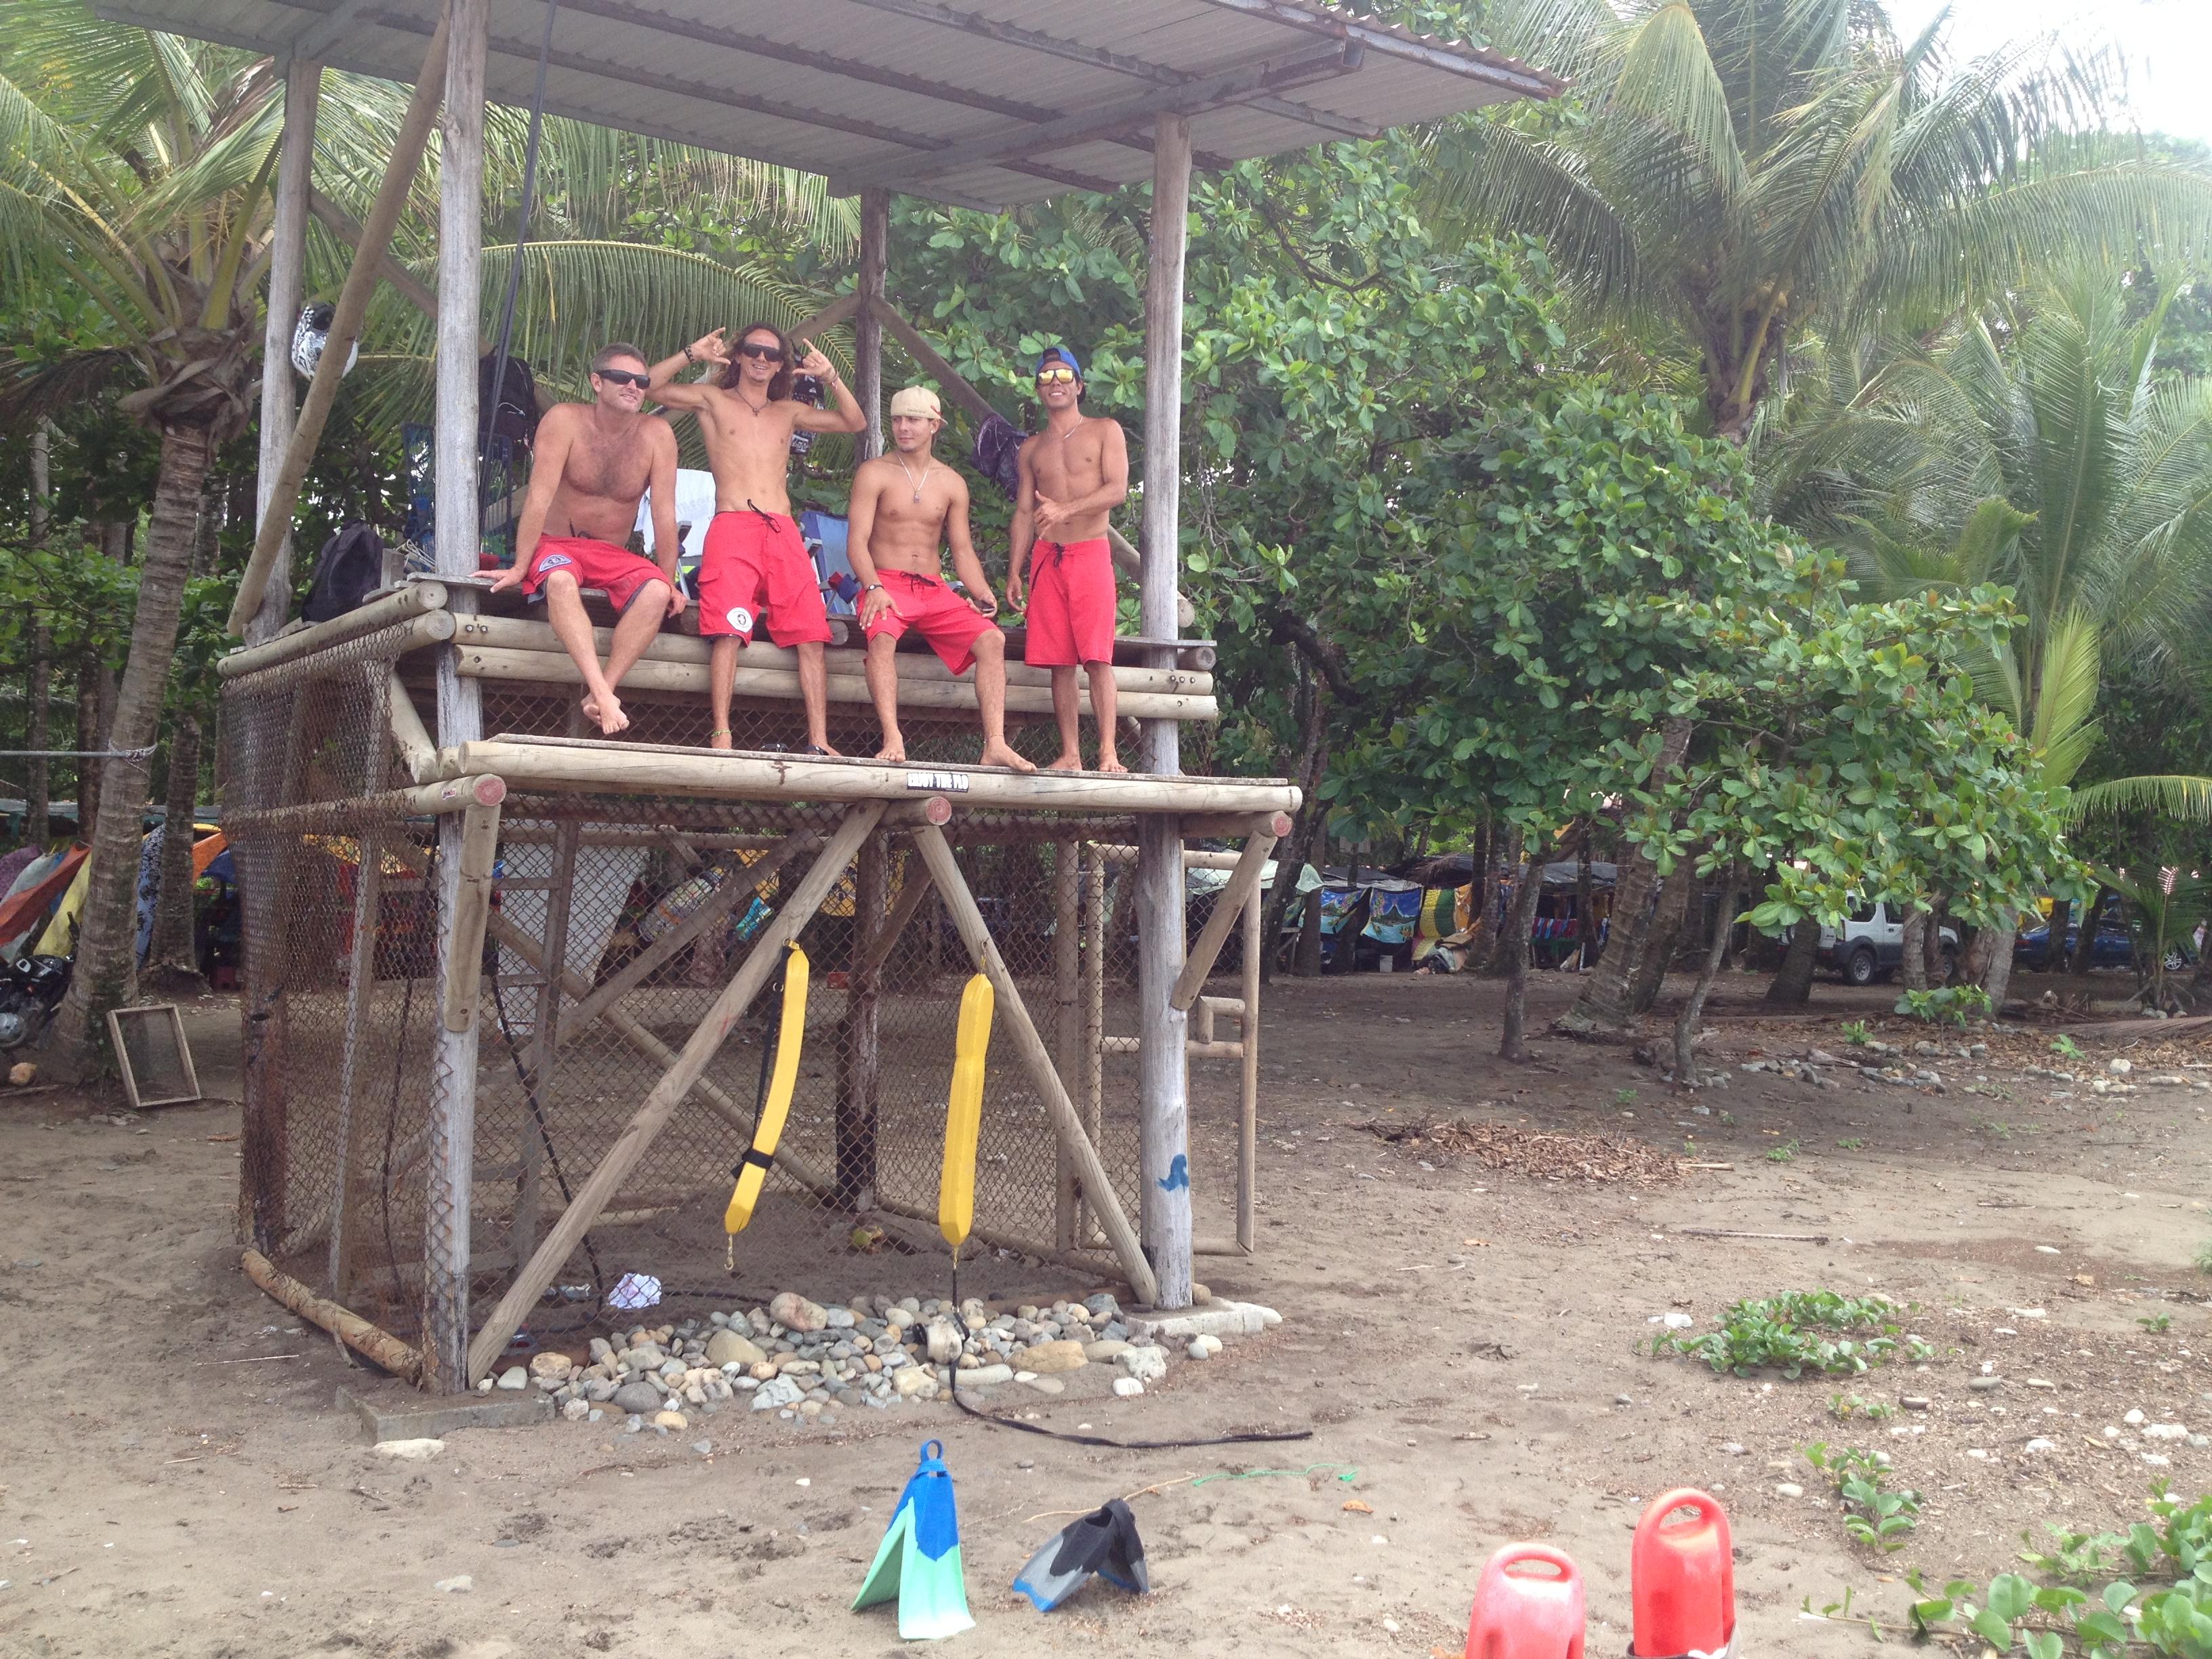 Domincal Lifeguards